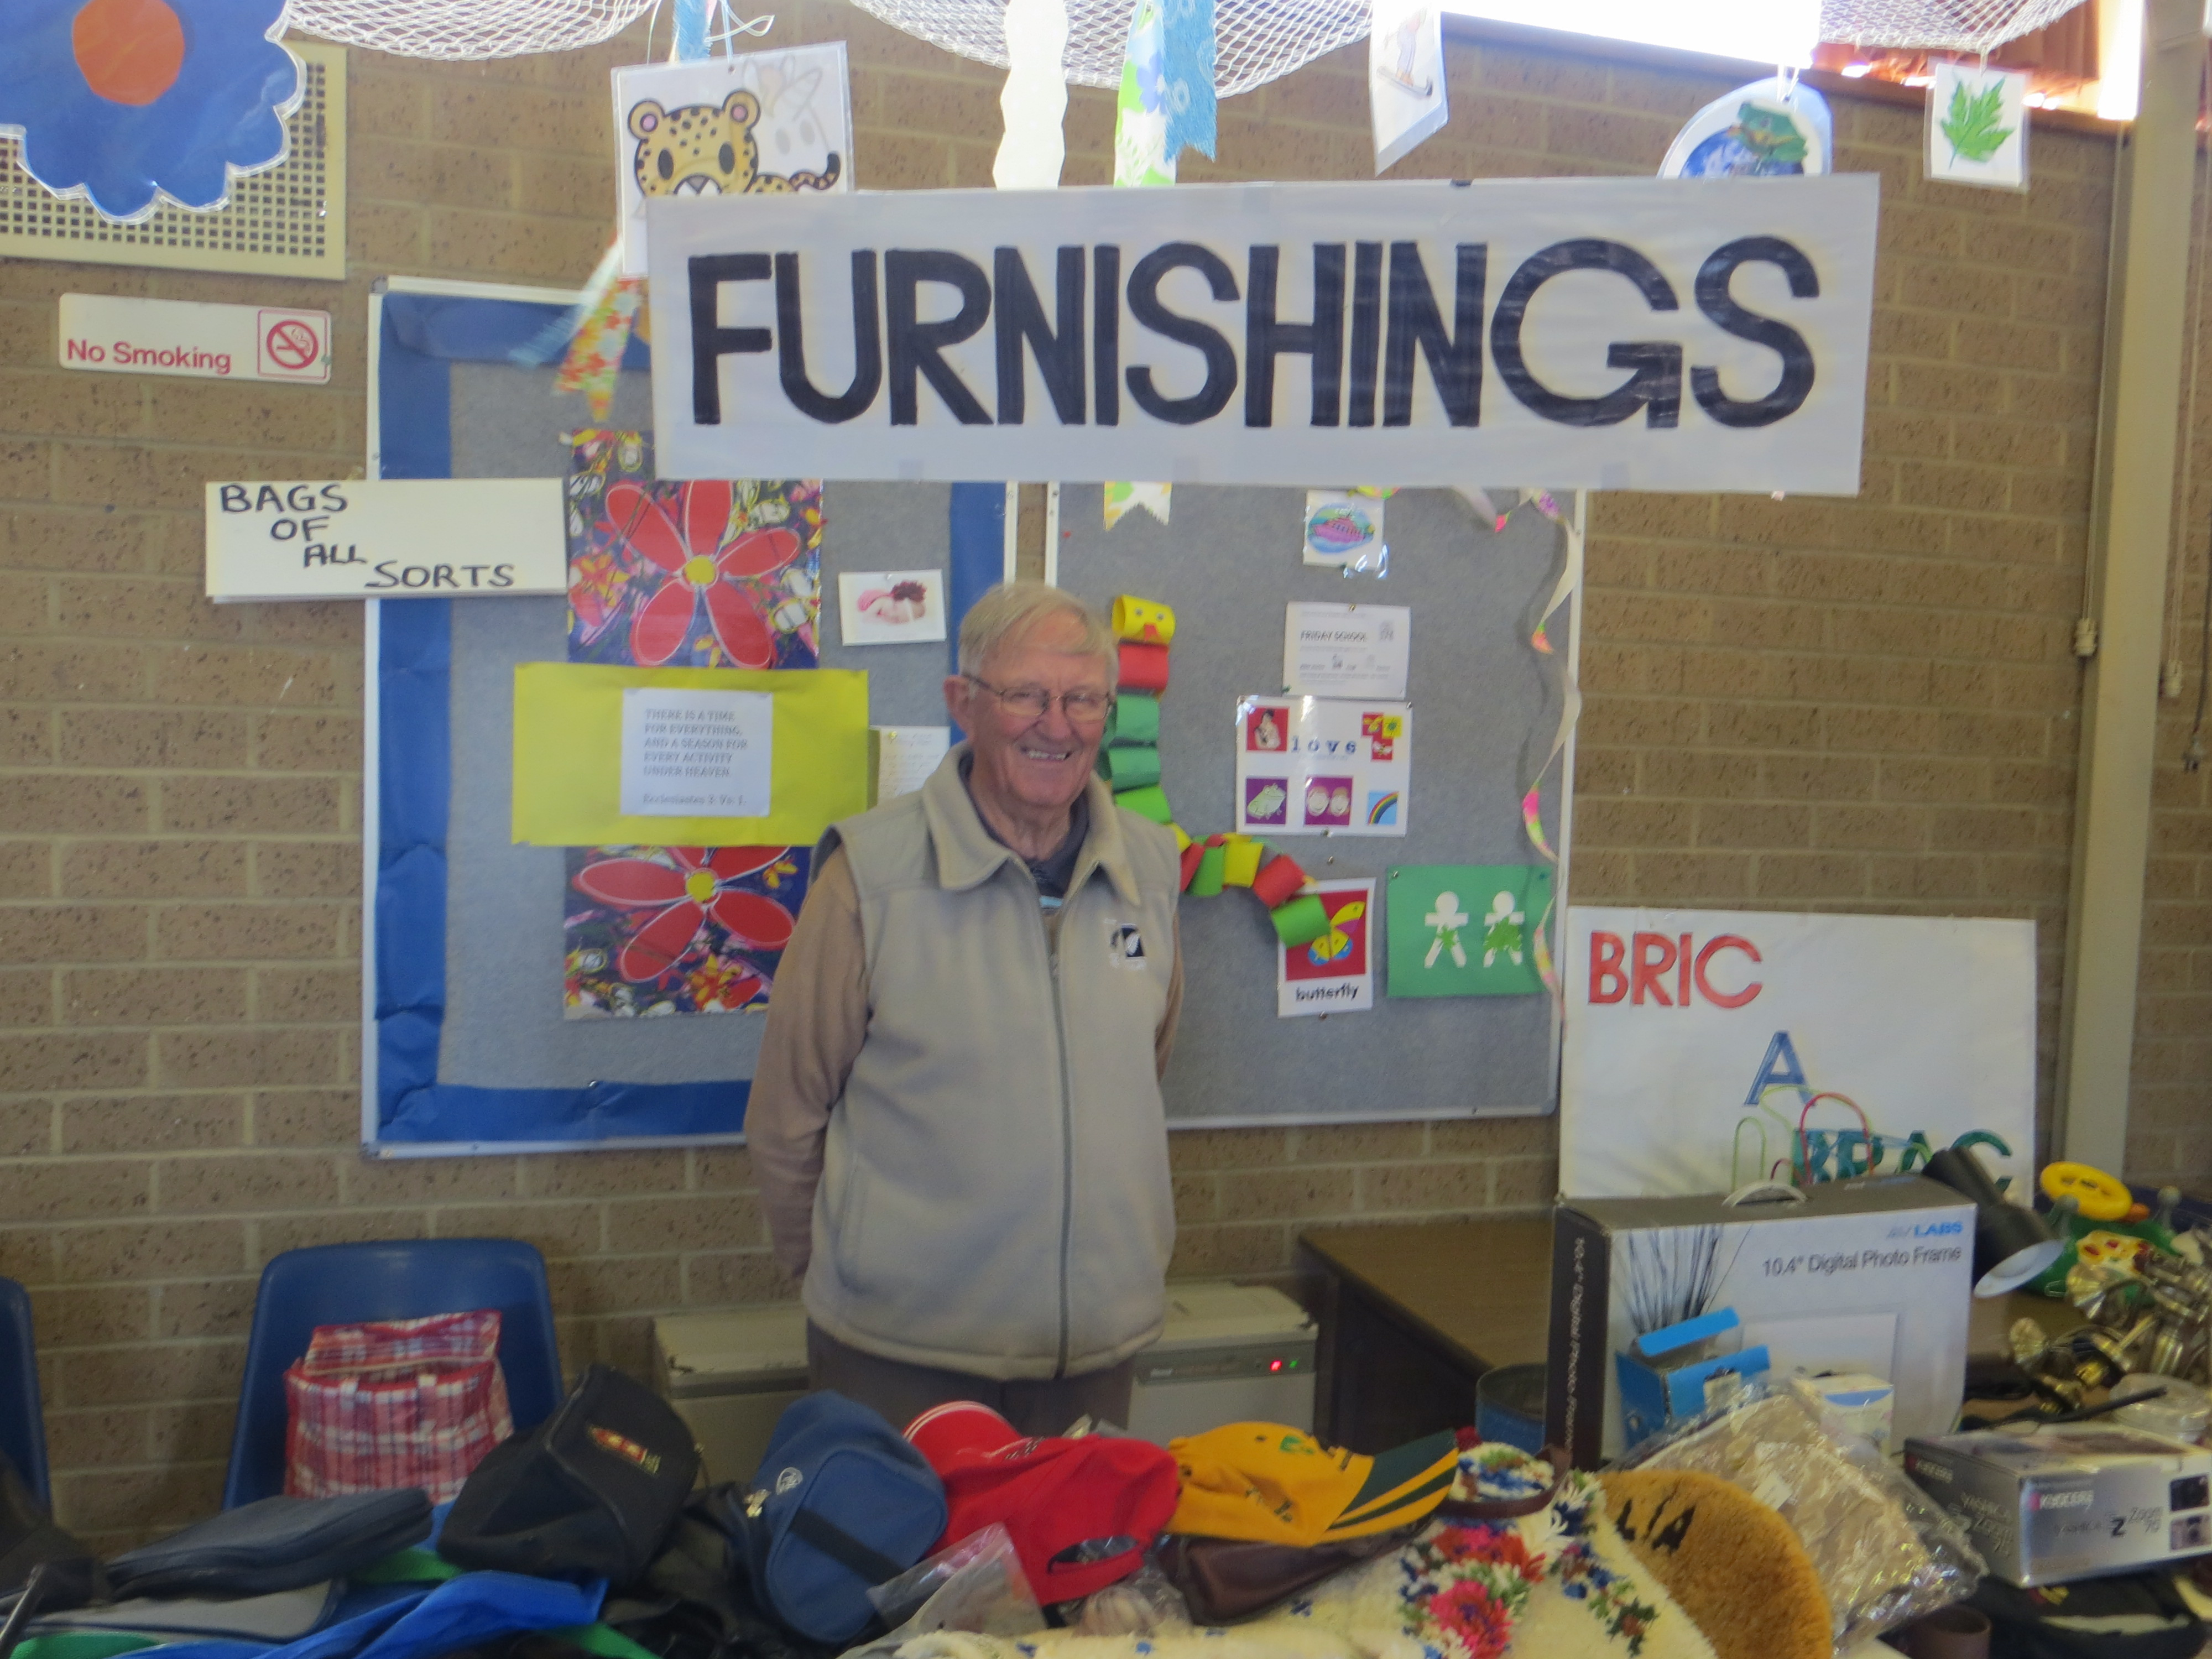 Furnishings - Bob